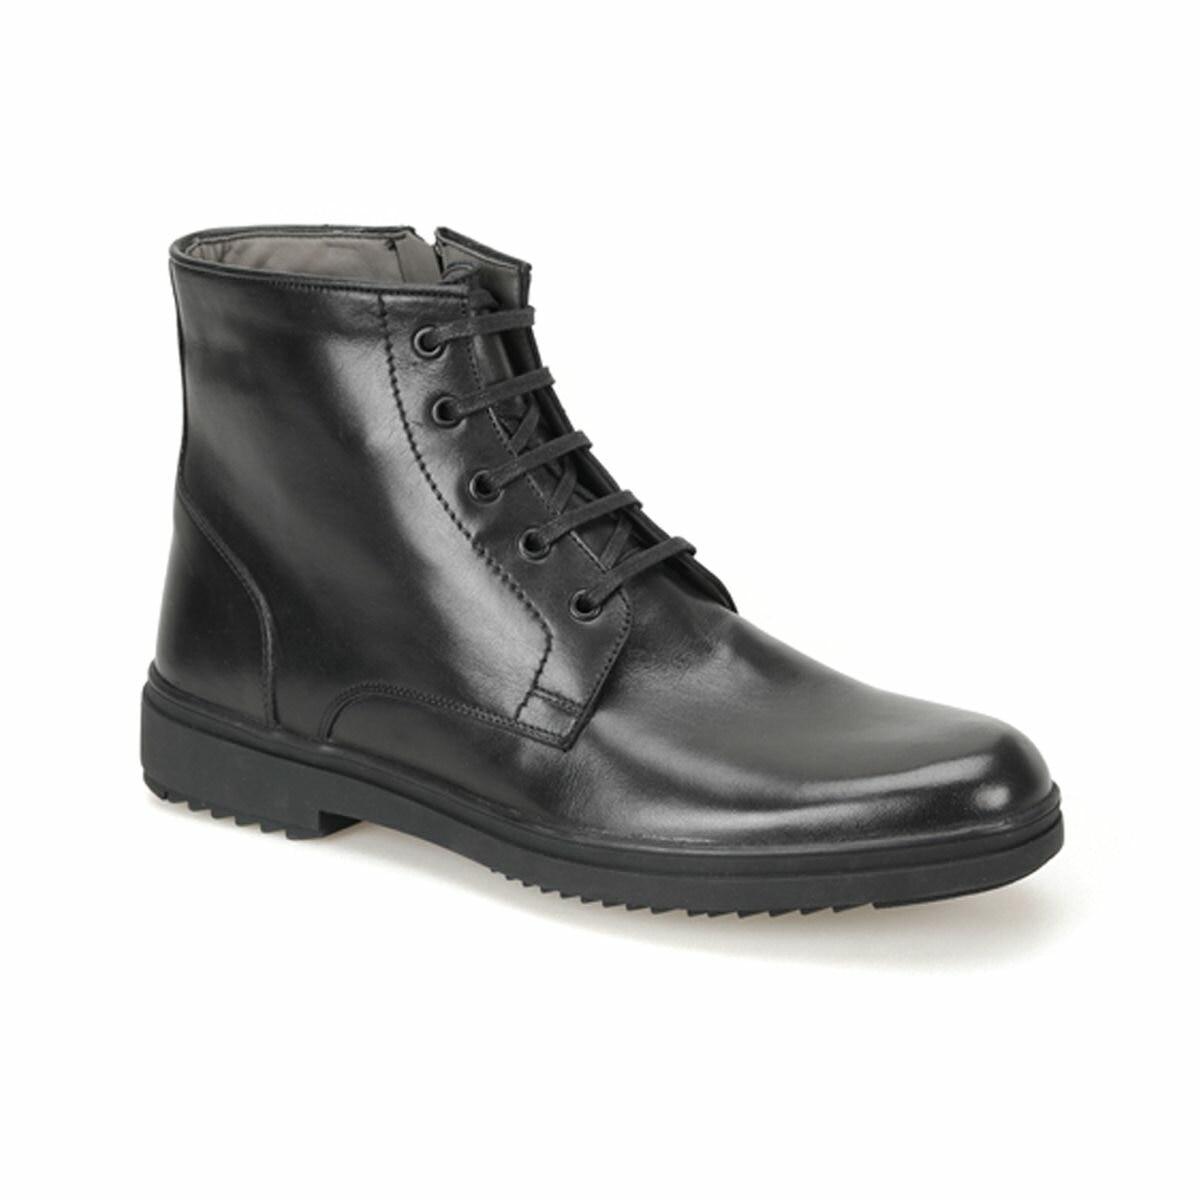 Botas negras para hombre FLO KL-231-2